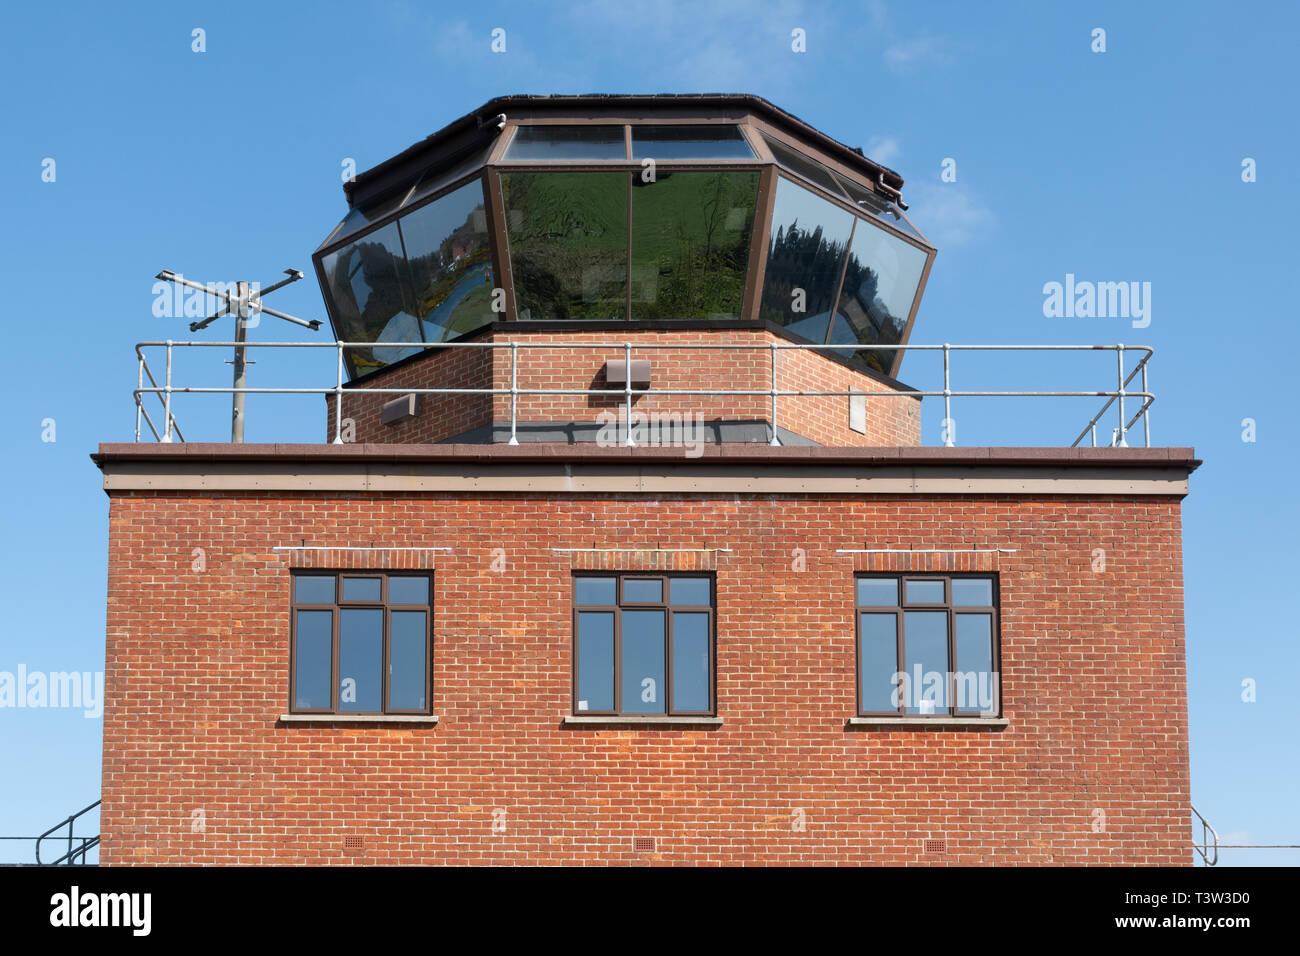 La tour de contrôle et d'observation en hauteur à Greenham Common, près de Newbury, Berkshire, Royaume-Uni, a récemment ouvert au public. Photo Stock